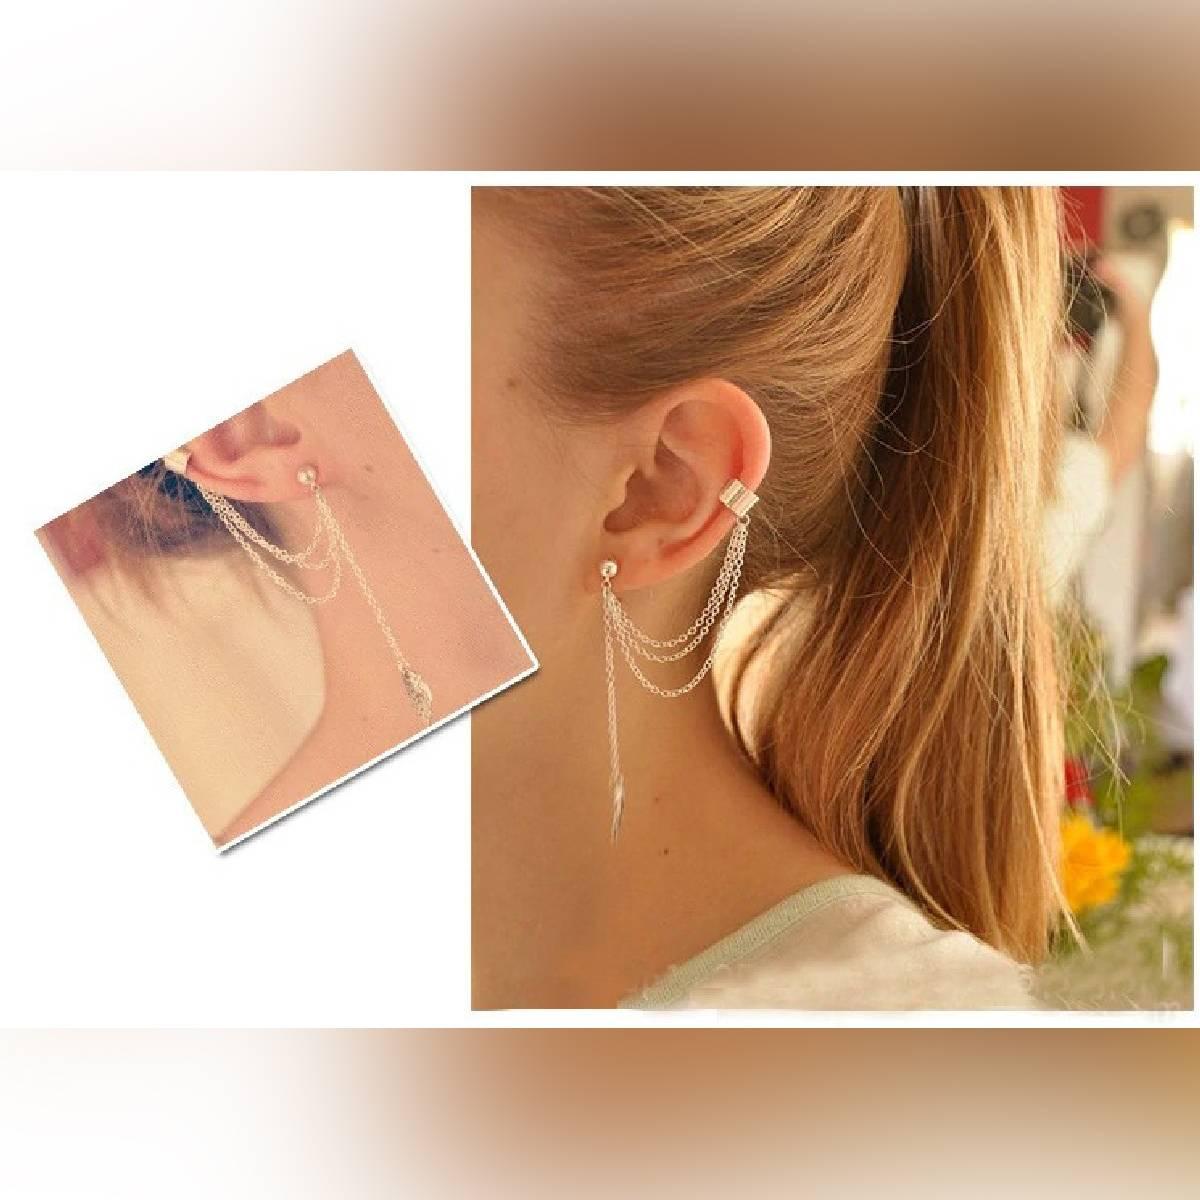 1pc Leaves Clip On Earrings for Women Fashion Metal Tassel Earrings Gift Ear Cuffs